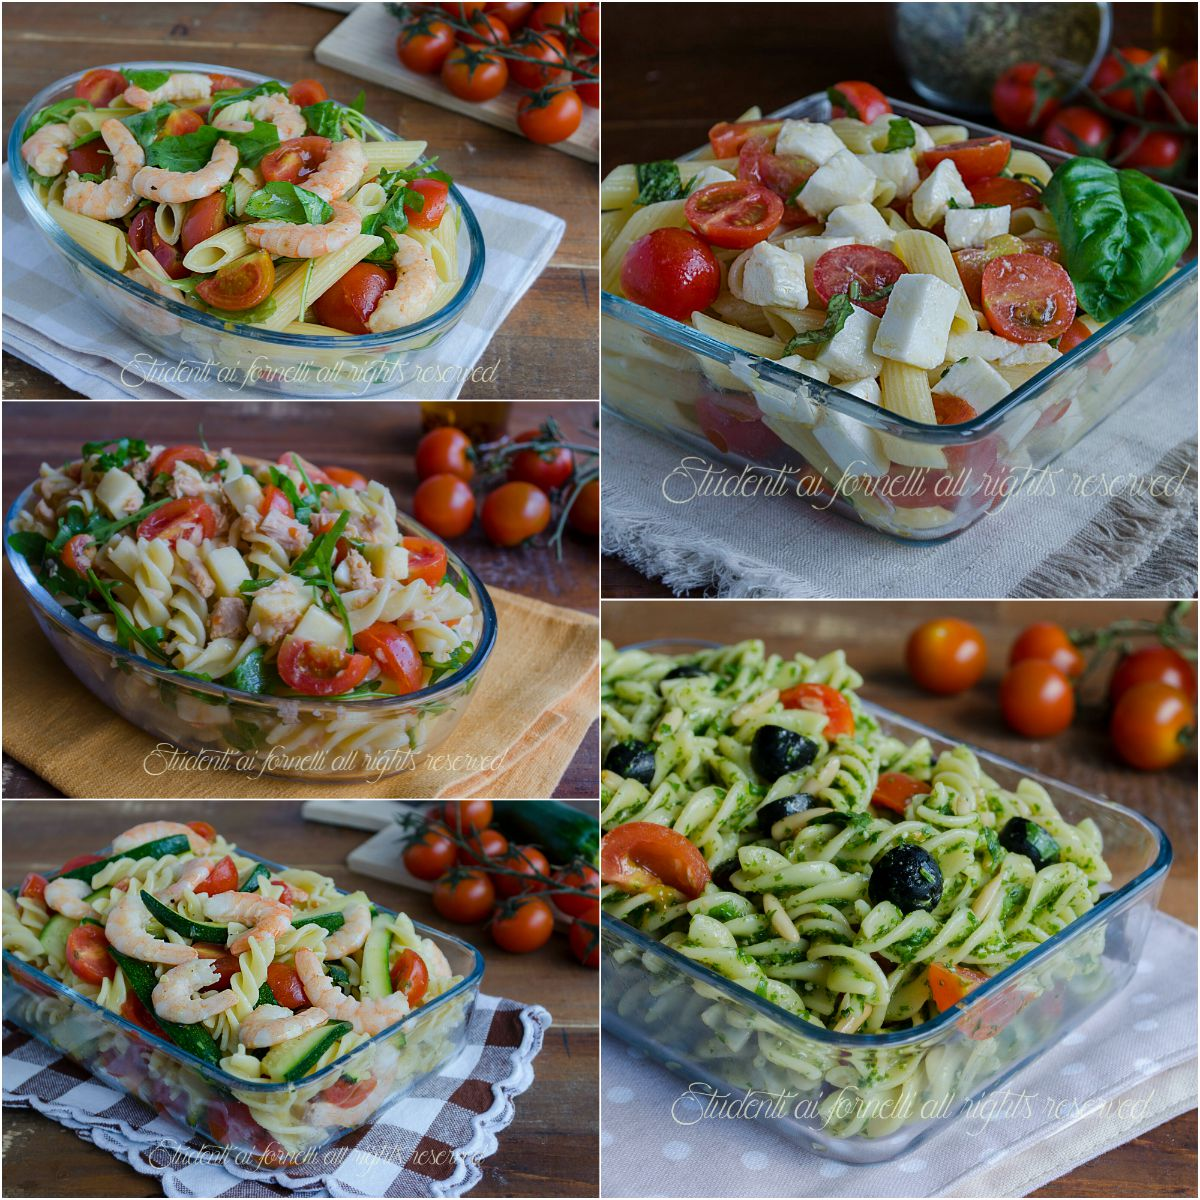 primi piatti freddi estivi ricette facili e veloci